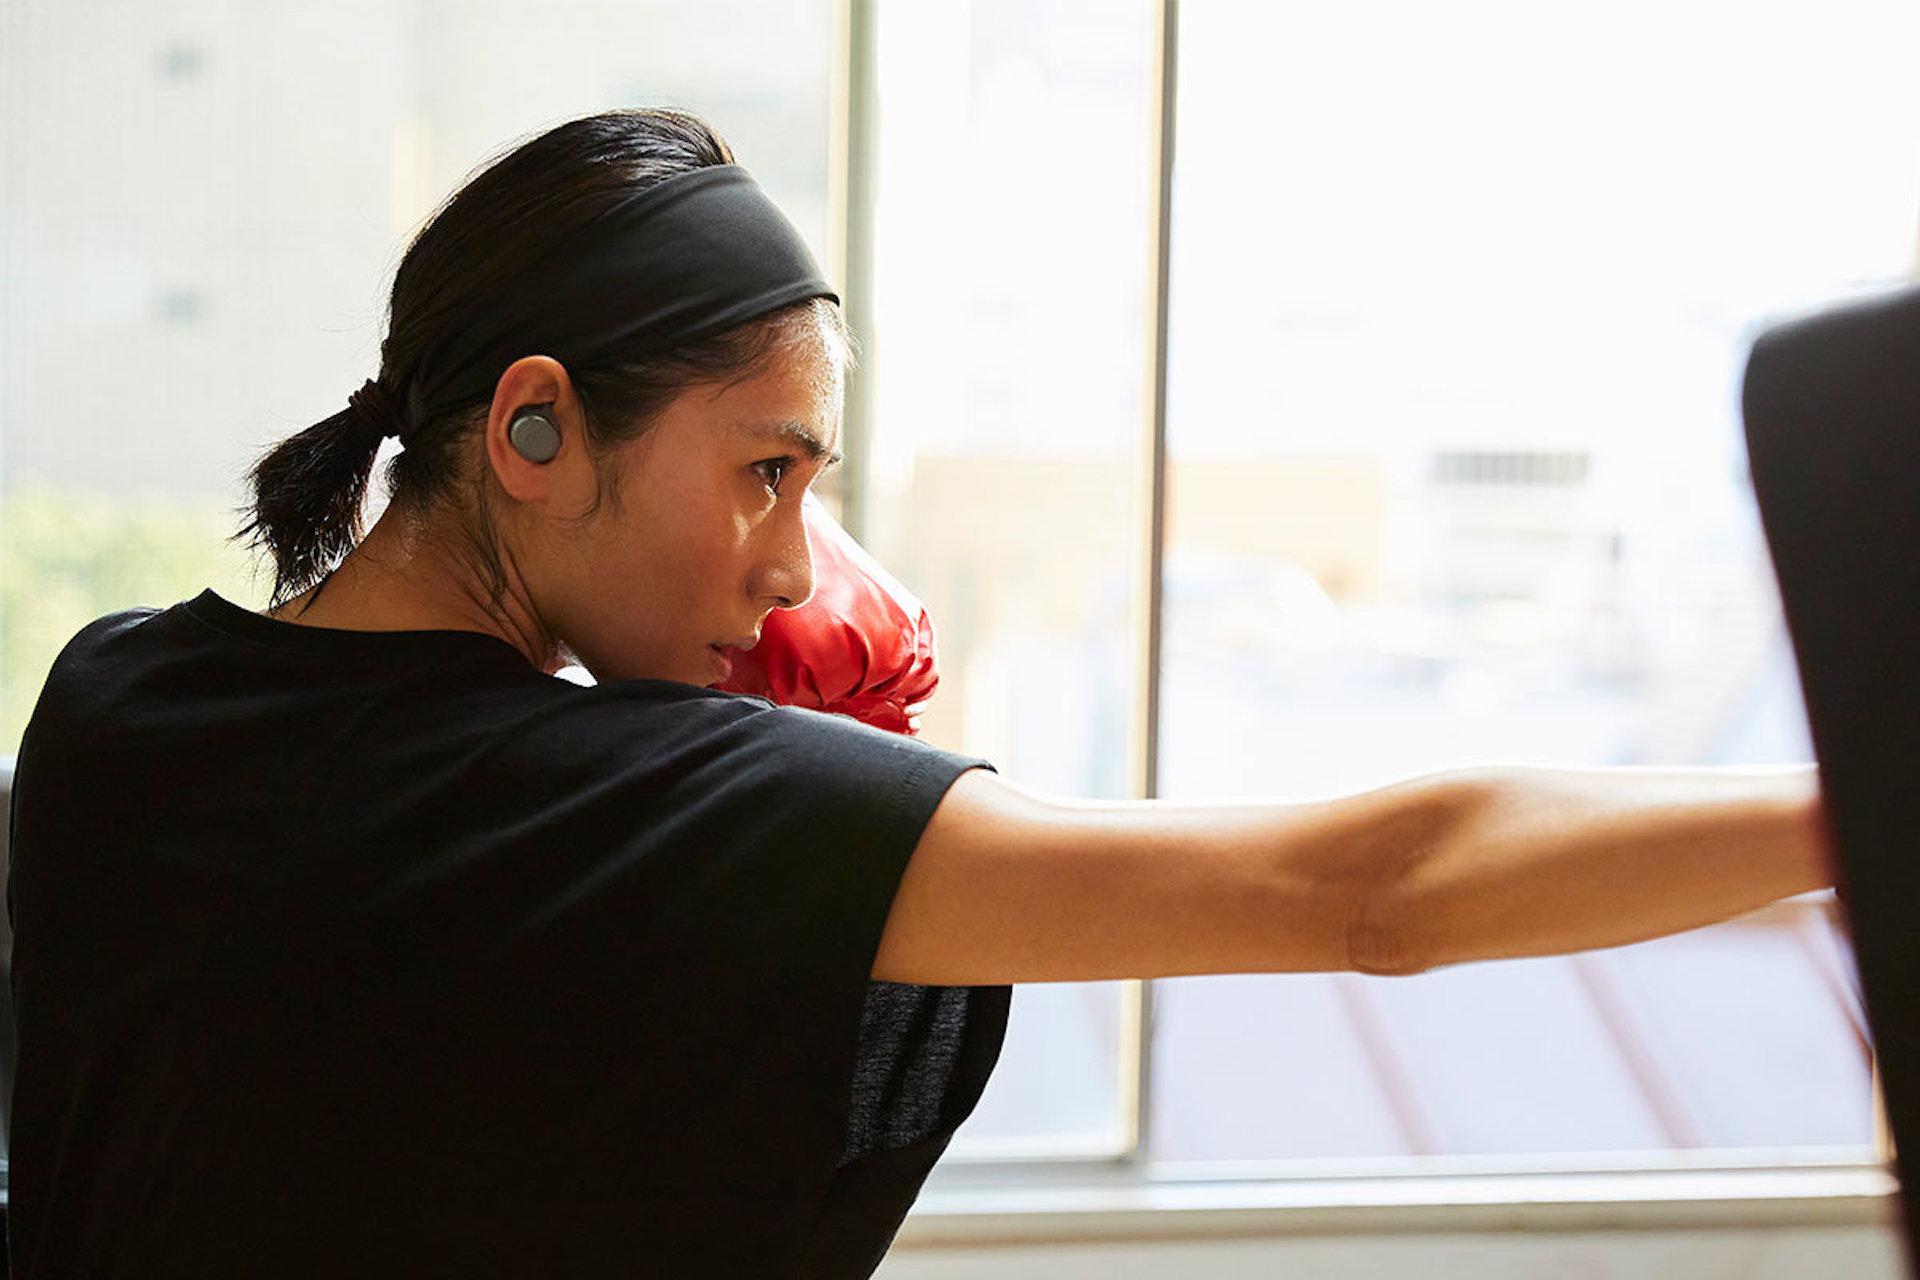 心も身体もリフレッシュしたいあなたに! アクティブなスポーツライフを充実させるおすすめイヤホン